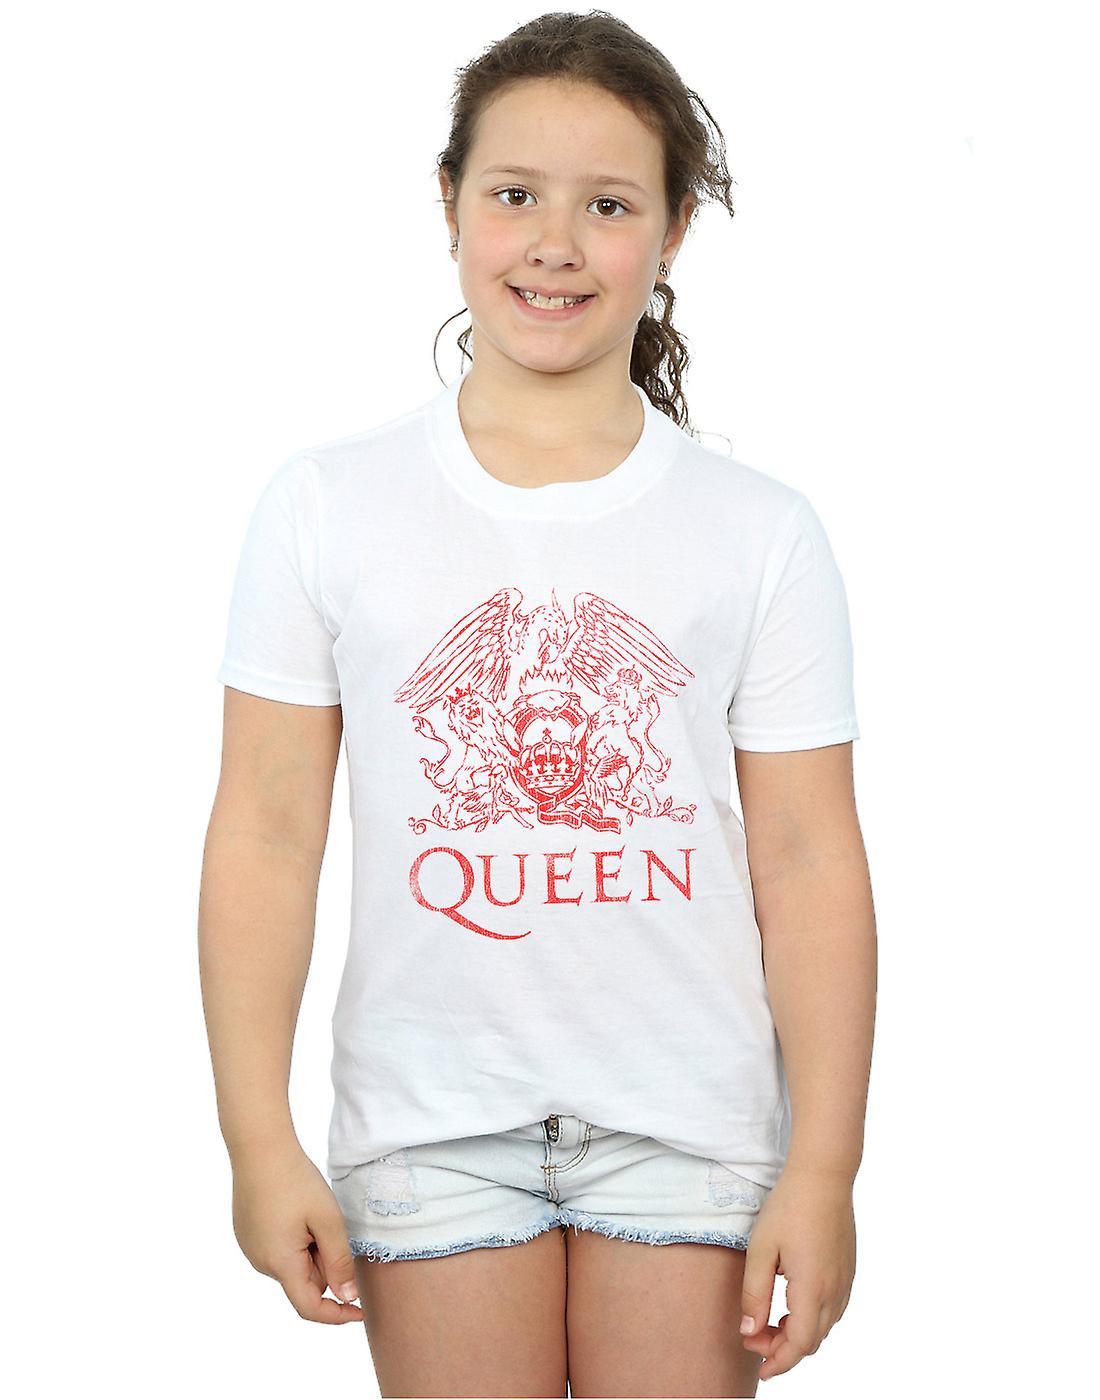 Queen Girls Distressed Crest T-Shirt